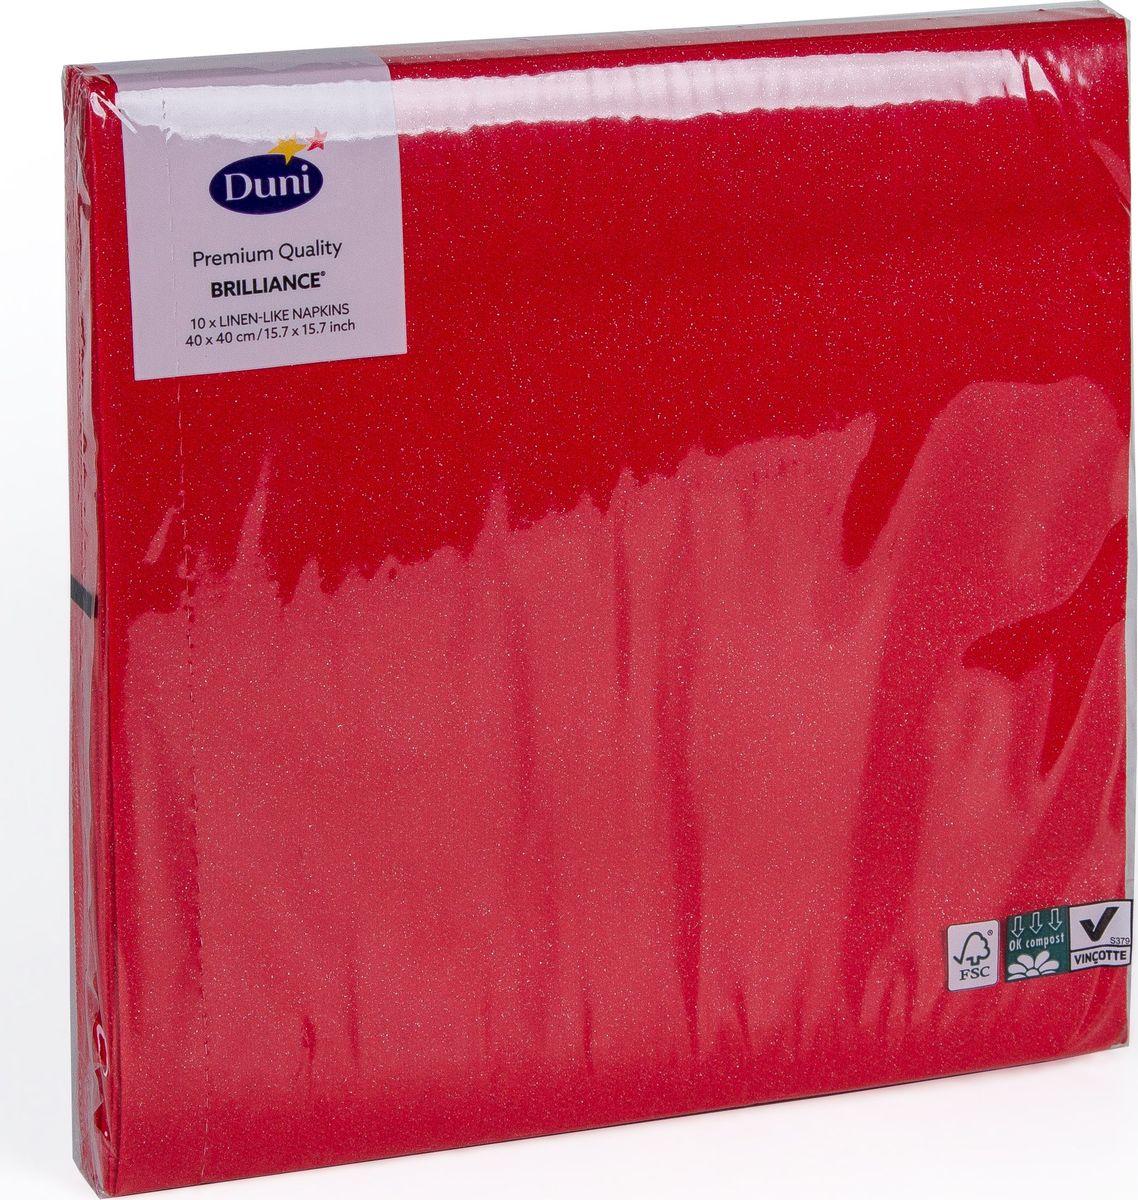 Салфетки бумажные Duni Lin. Brilliance, цвет: красный, 40 см160515Многослойные бумажные салфетки изготовлены из экологически чистого, высококачественного сырья - 100% целлюлозы. Салфетки выполнены в оригинальном и современном стиле, прекрасно сочетаются с любым интерьером и всегда будут прекрасным и незаменимым украшением стола.